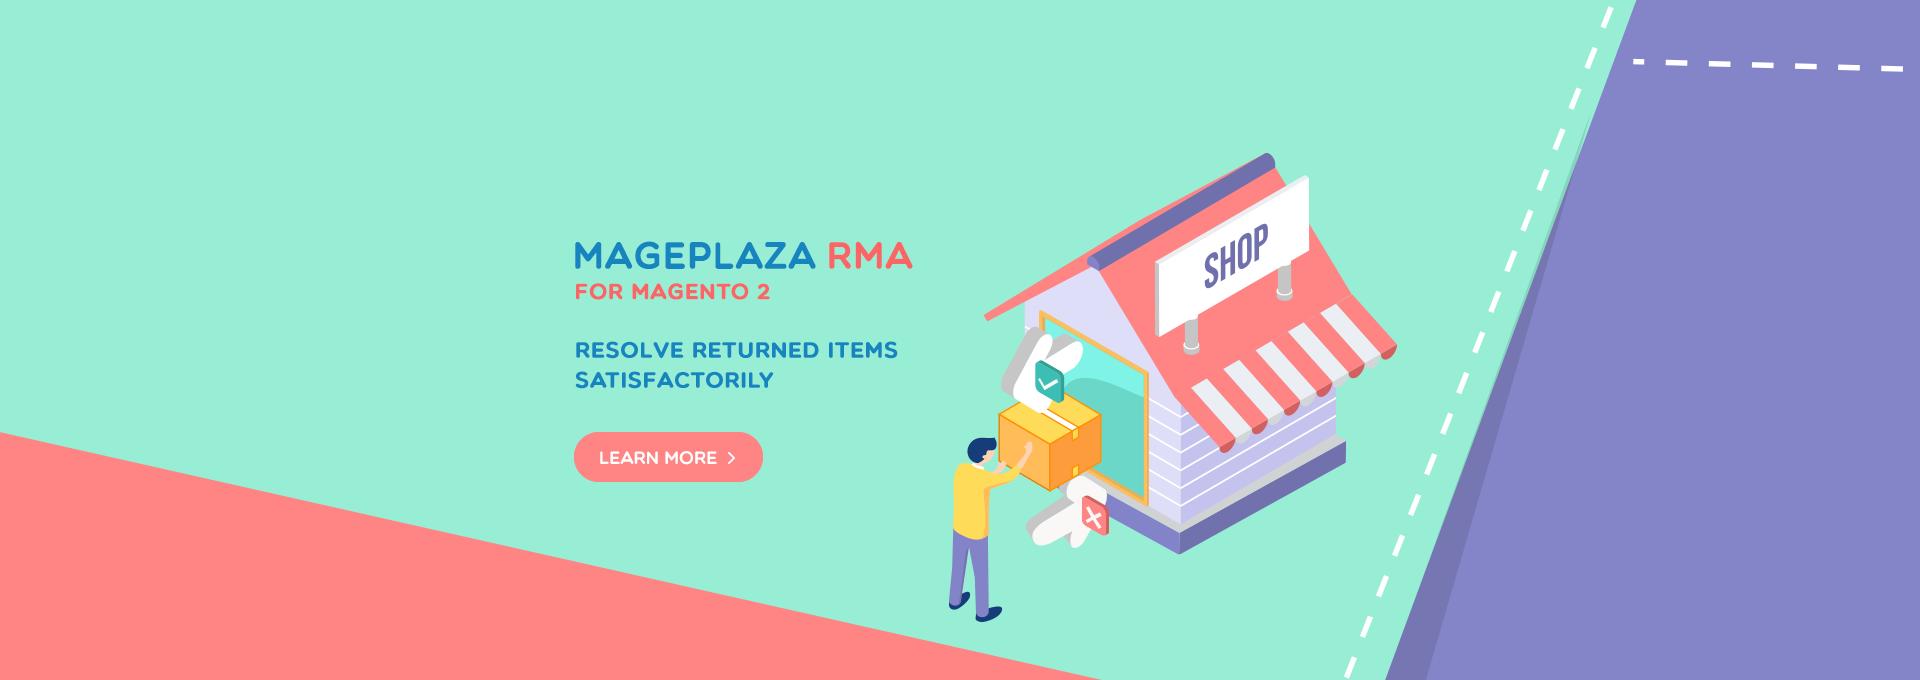 Magento 2 Marketplace By Mageplaza – Mageplaza